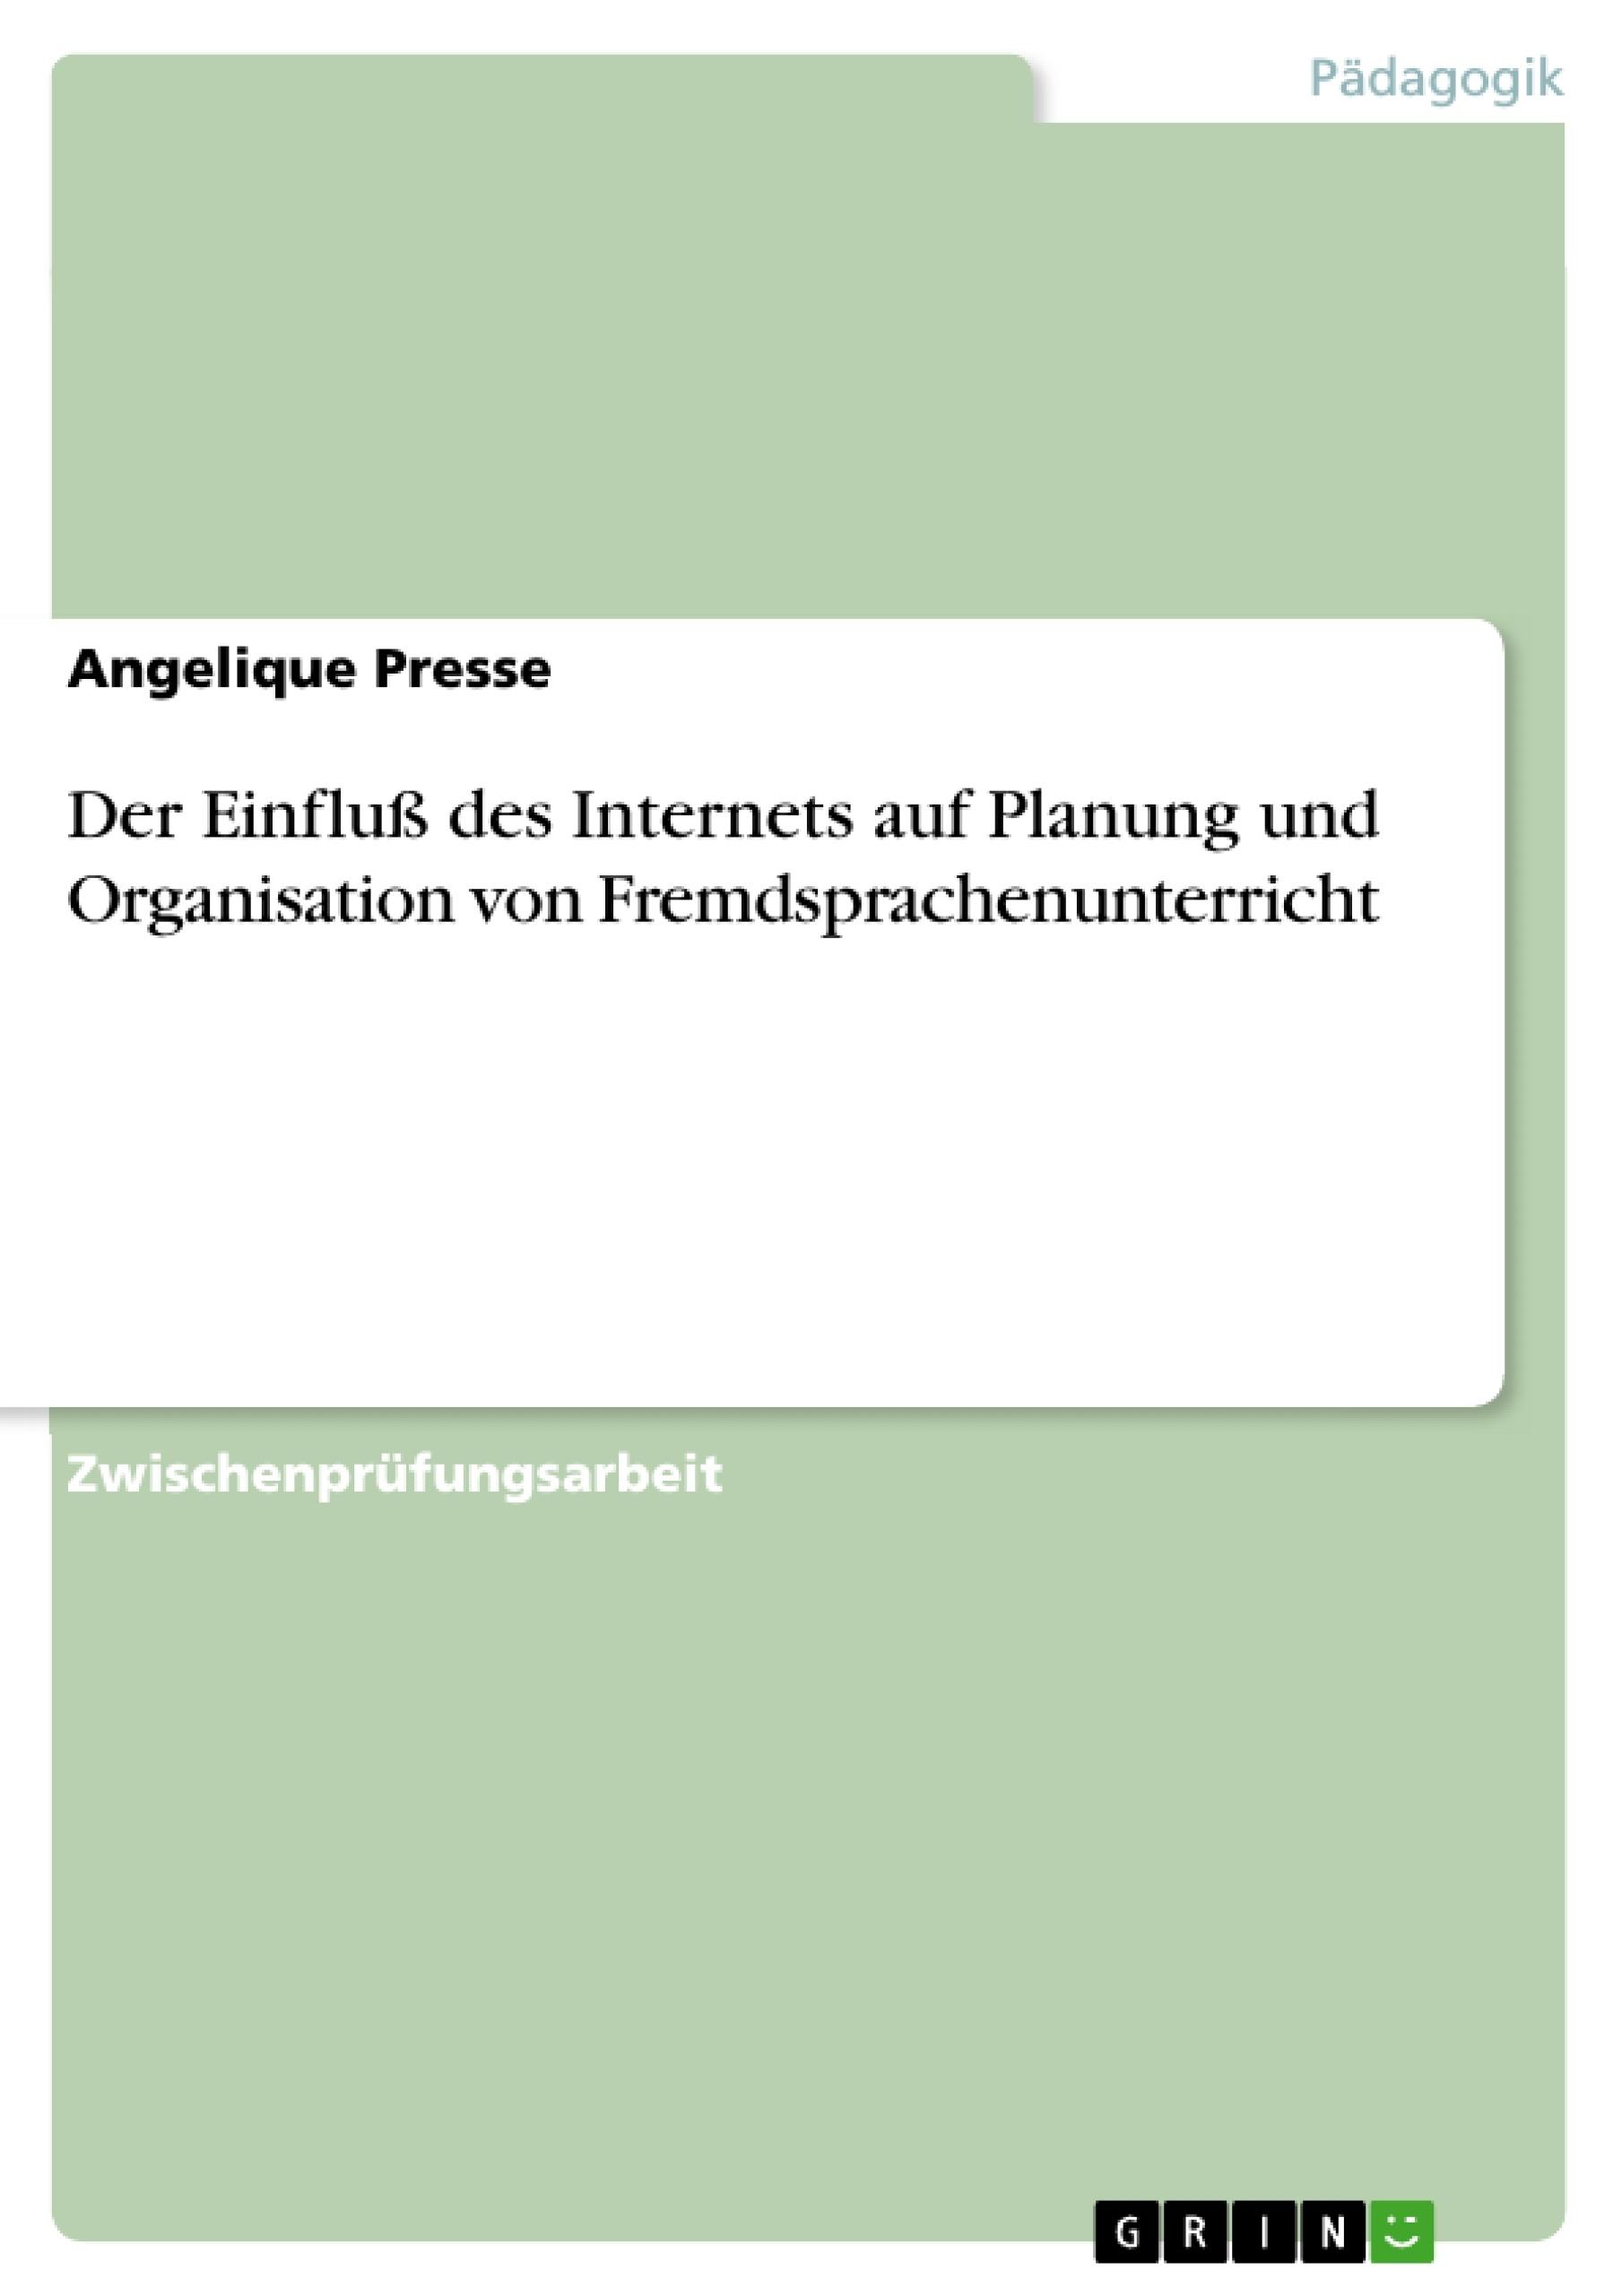 Titel: Der Einfluß des Internets auf Planung und Organisation von Fremdsprachenunterricht